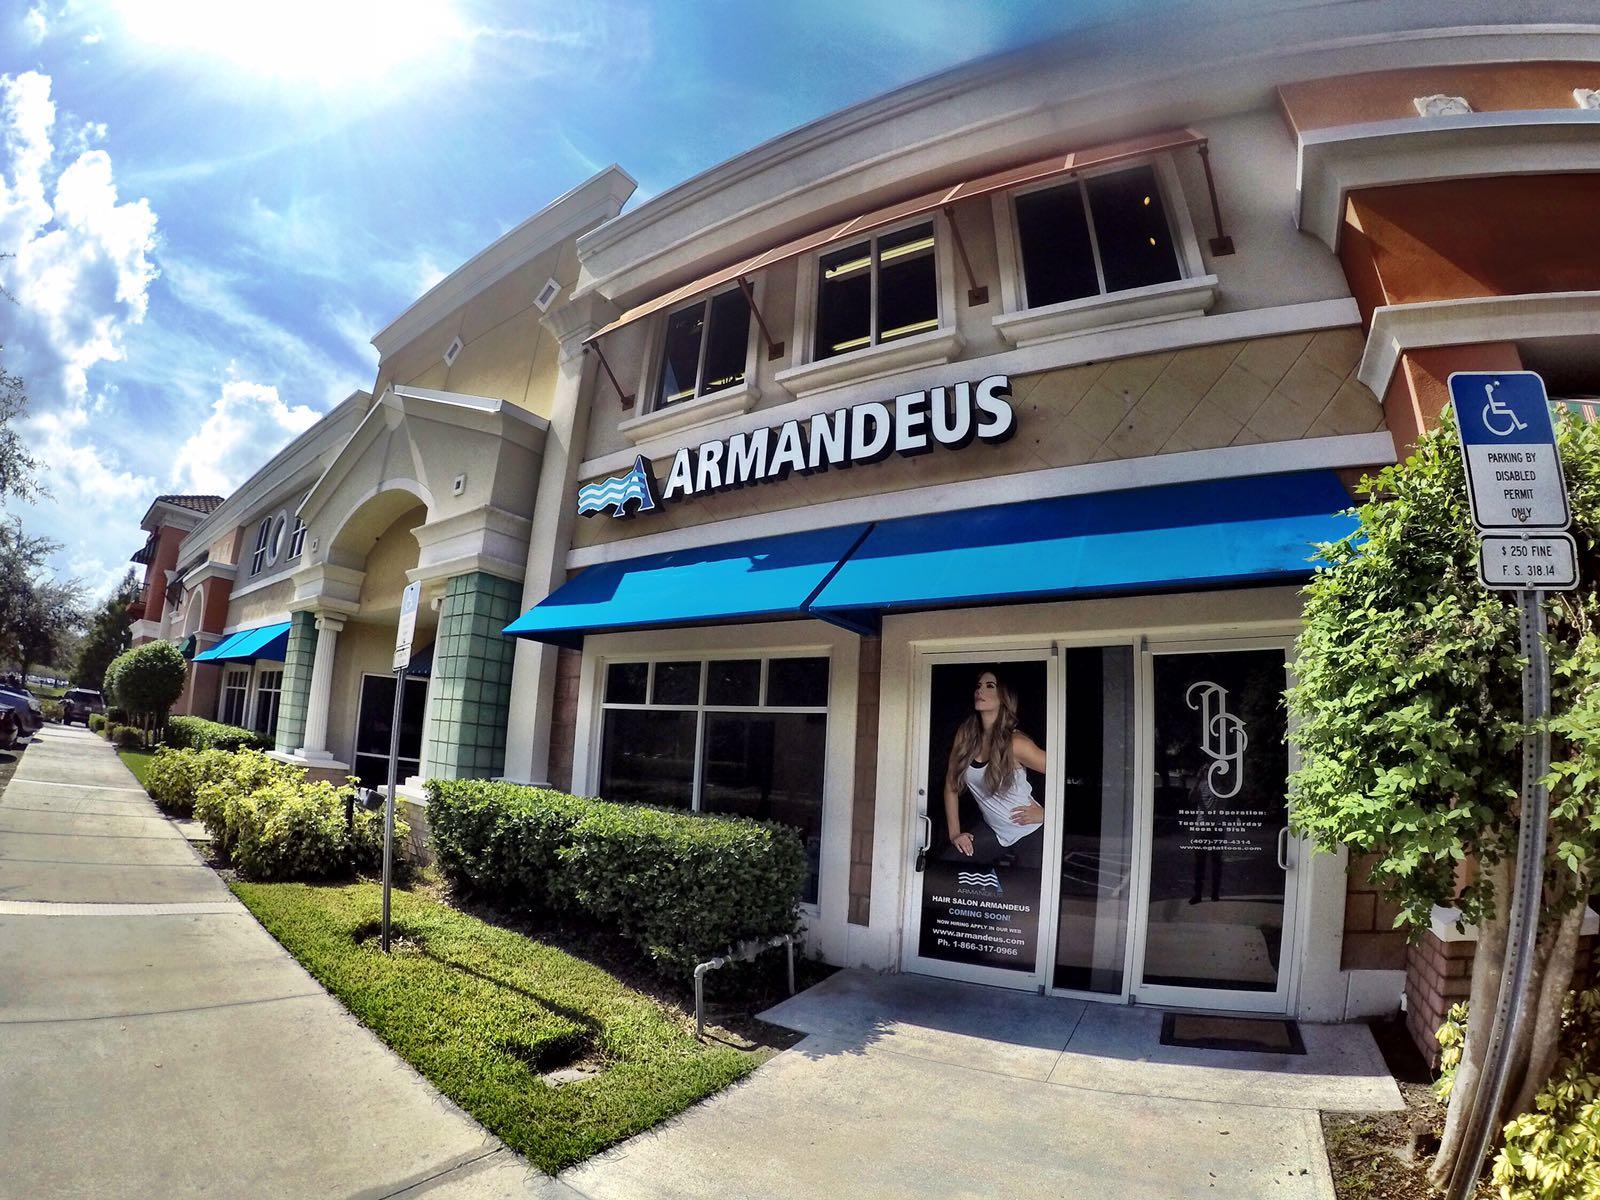 Salon Armandeus Orlando coming soon!